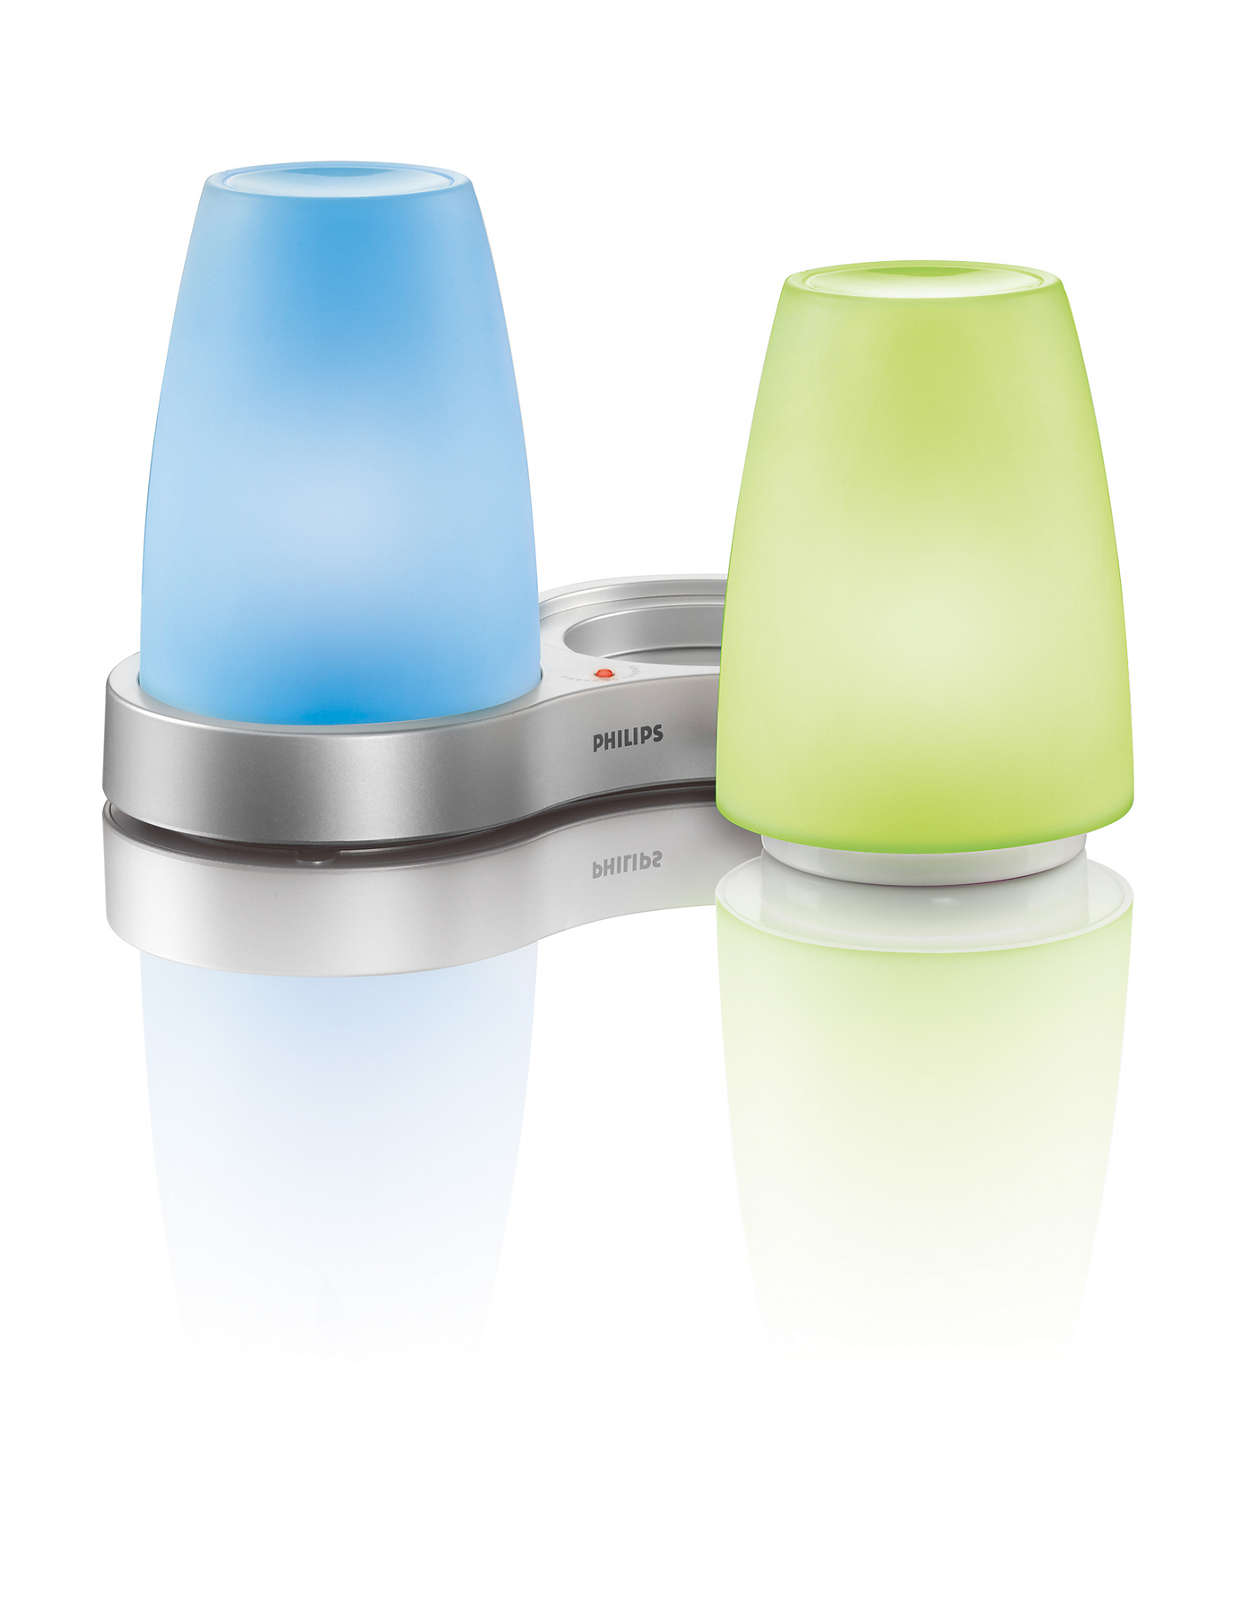 Δημιουργήστε μια λαμπερή ατμόσφαιρα στο σπίτι σας με χρώμα